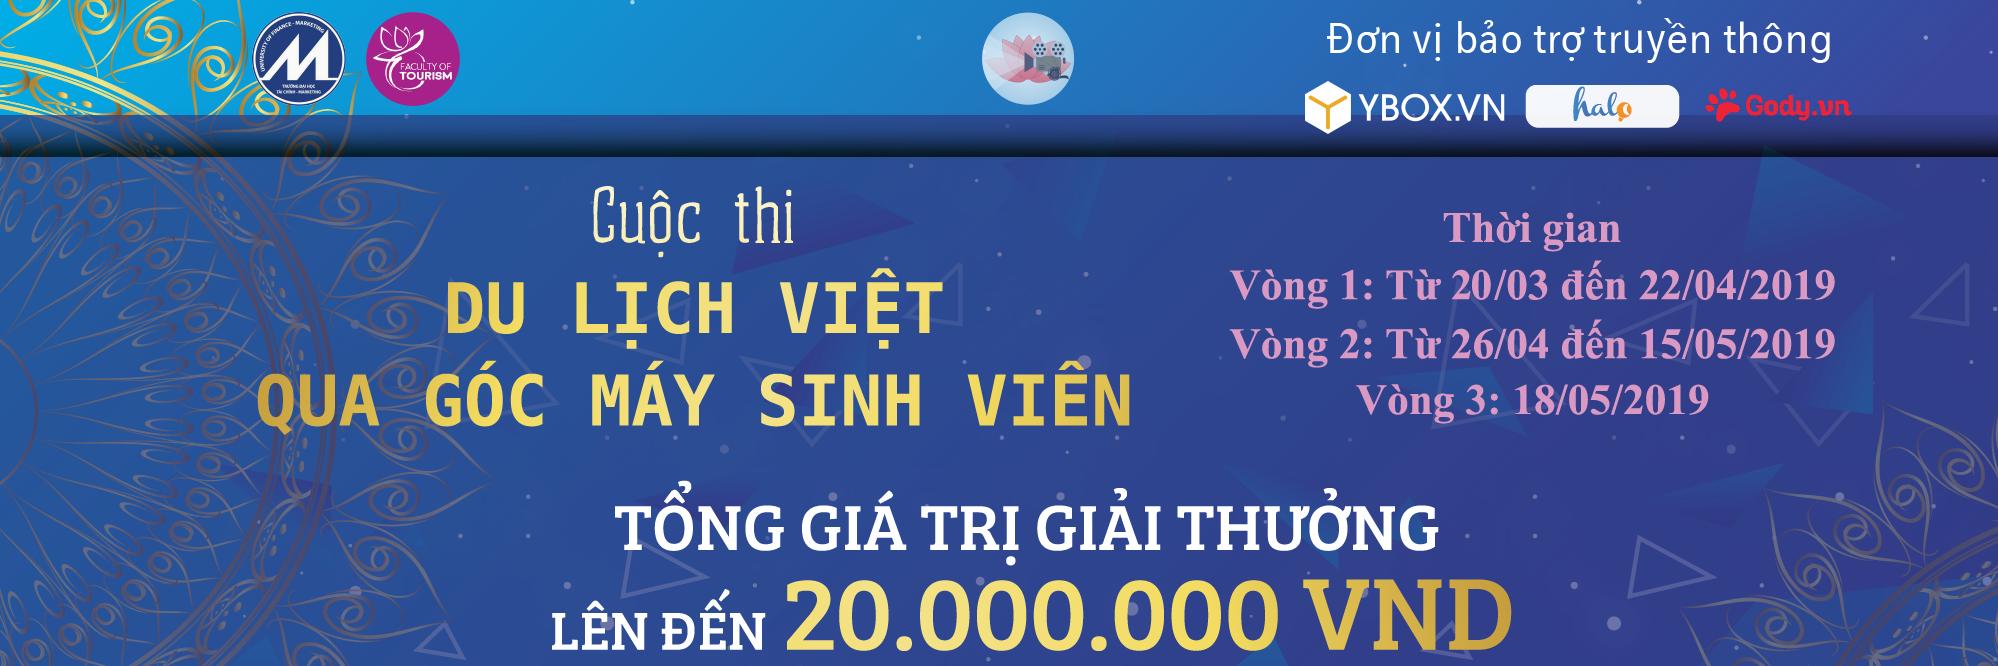 https://gody.vn/blog/gocmaysinhvien/post/hcm-cuoc-thi-du-lich-viet-qua-goc-may-sinh-vien-3010